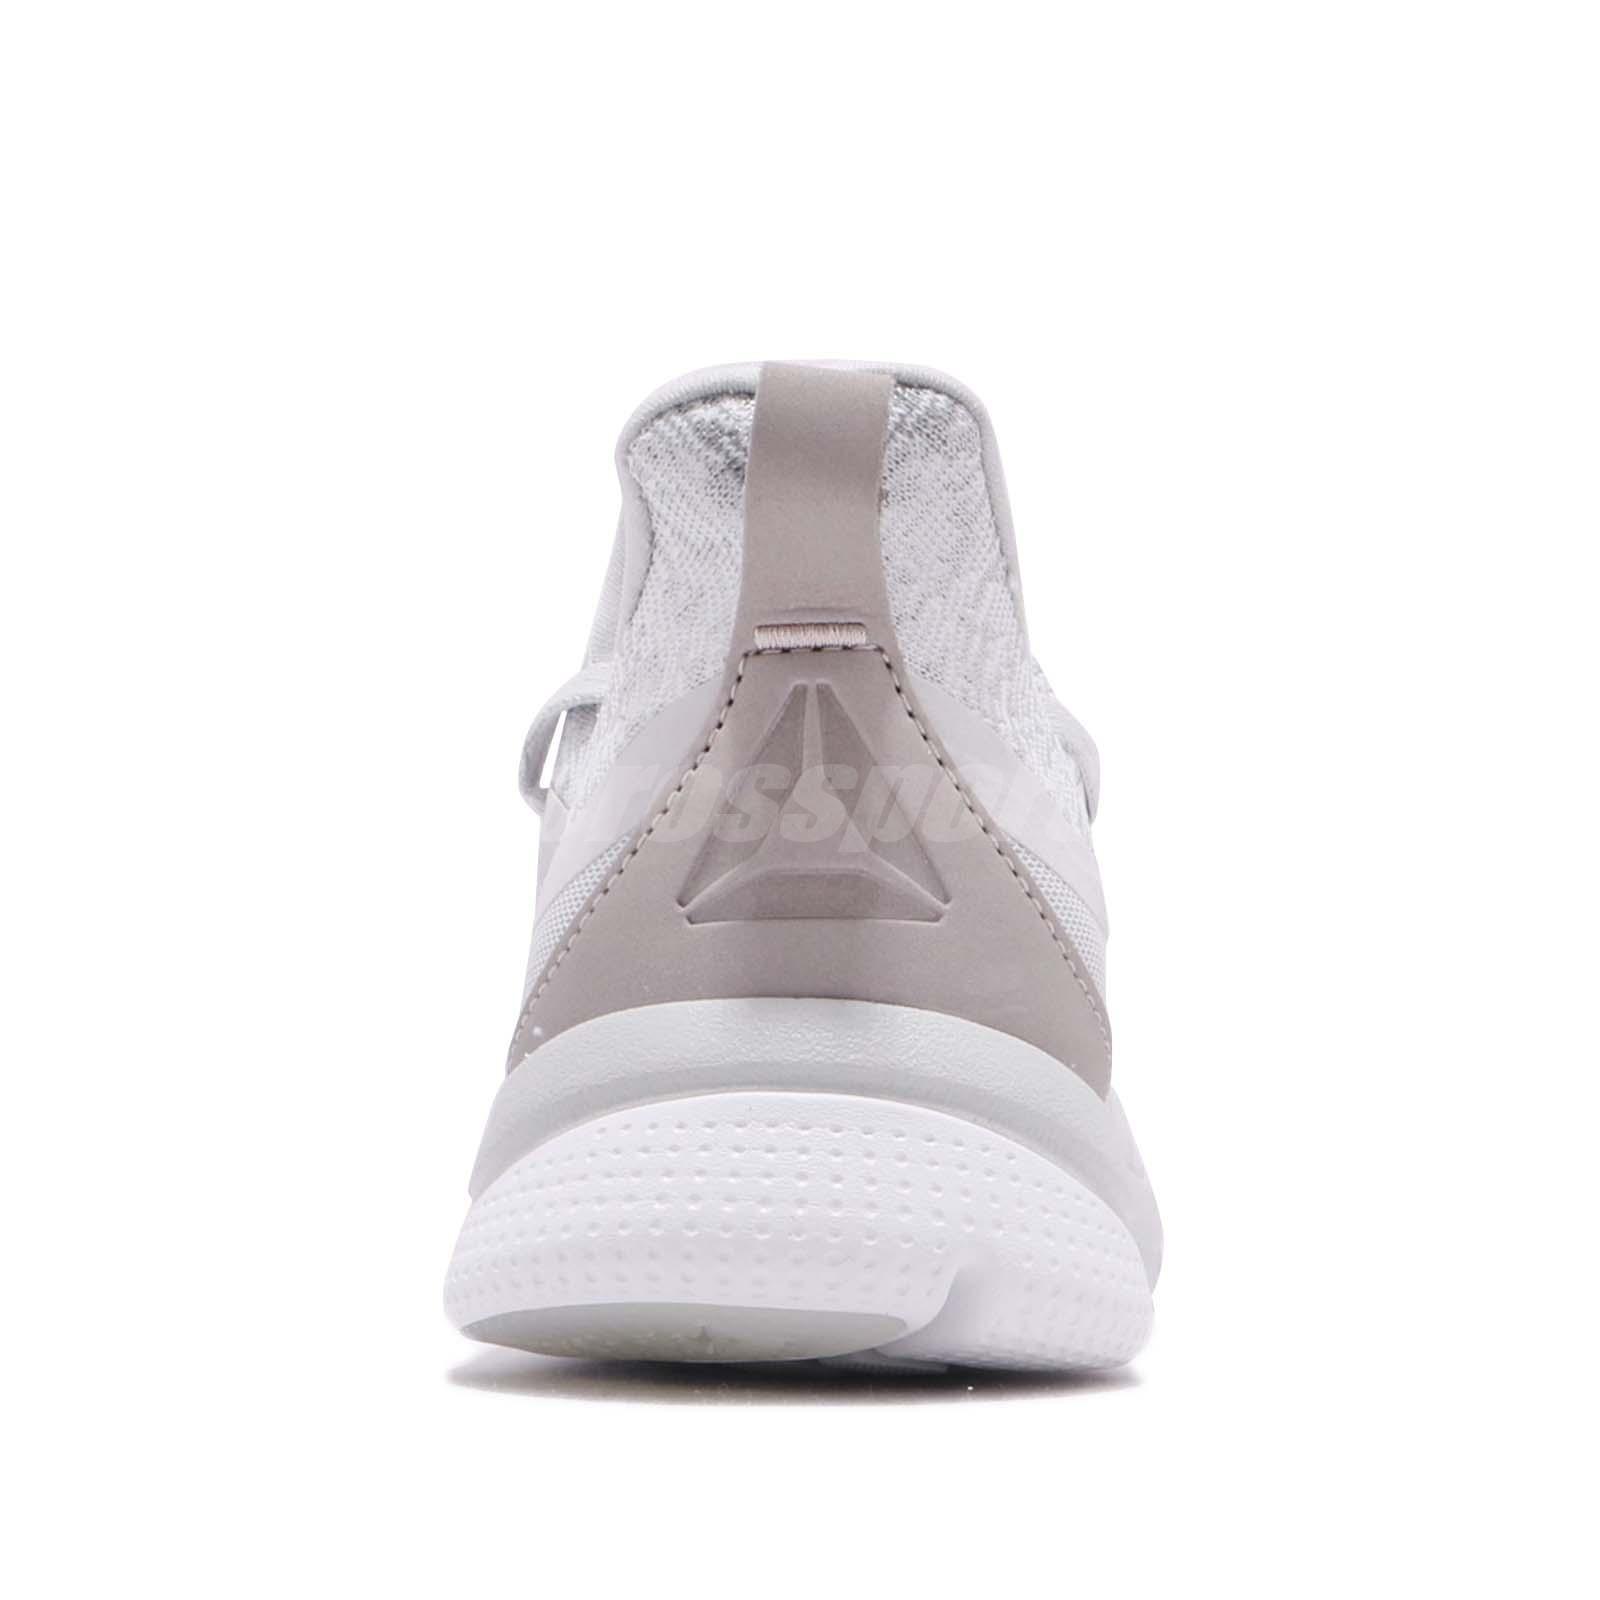 00caecfa5b8e Reebok Print Her 3.0 Grey White Women Running Training Shoes ...